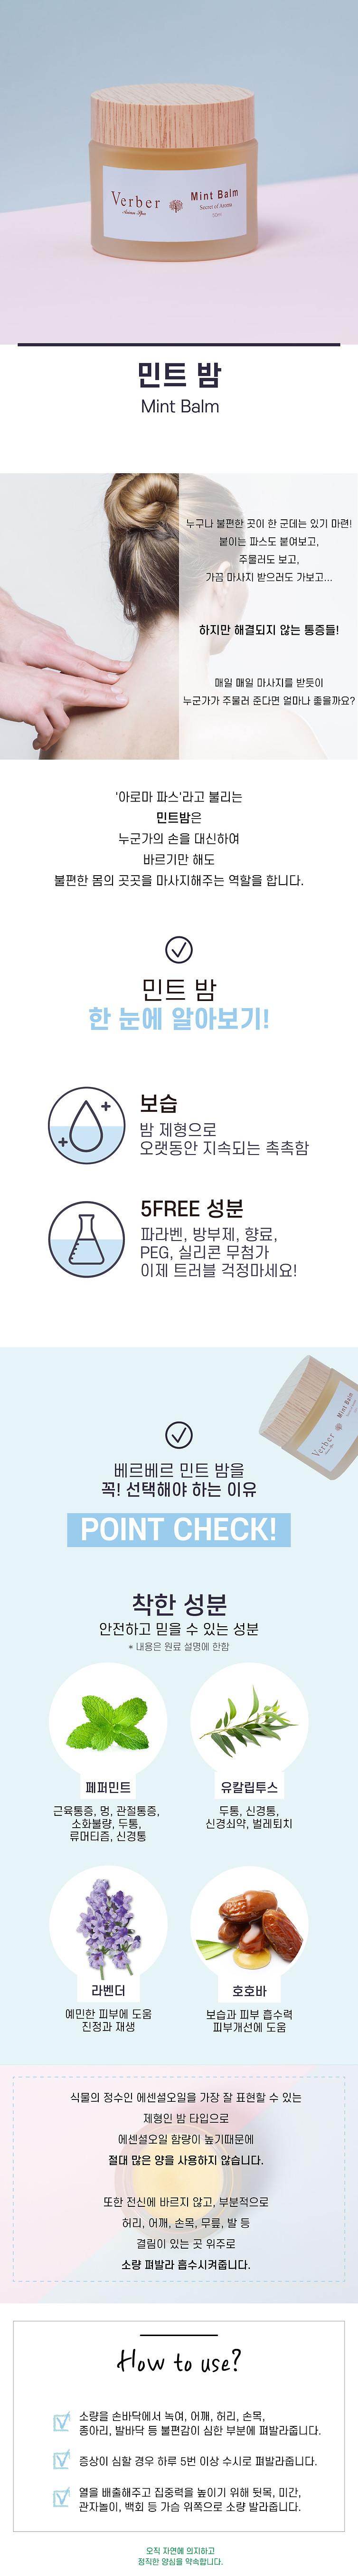 민트밤-상세-1수정.jpg